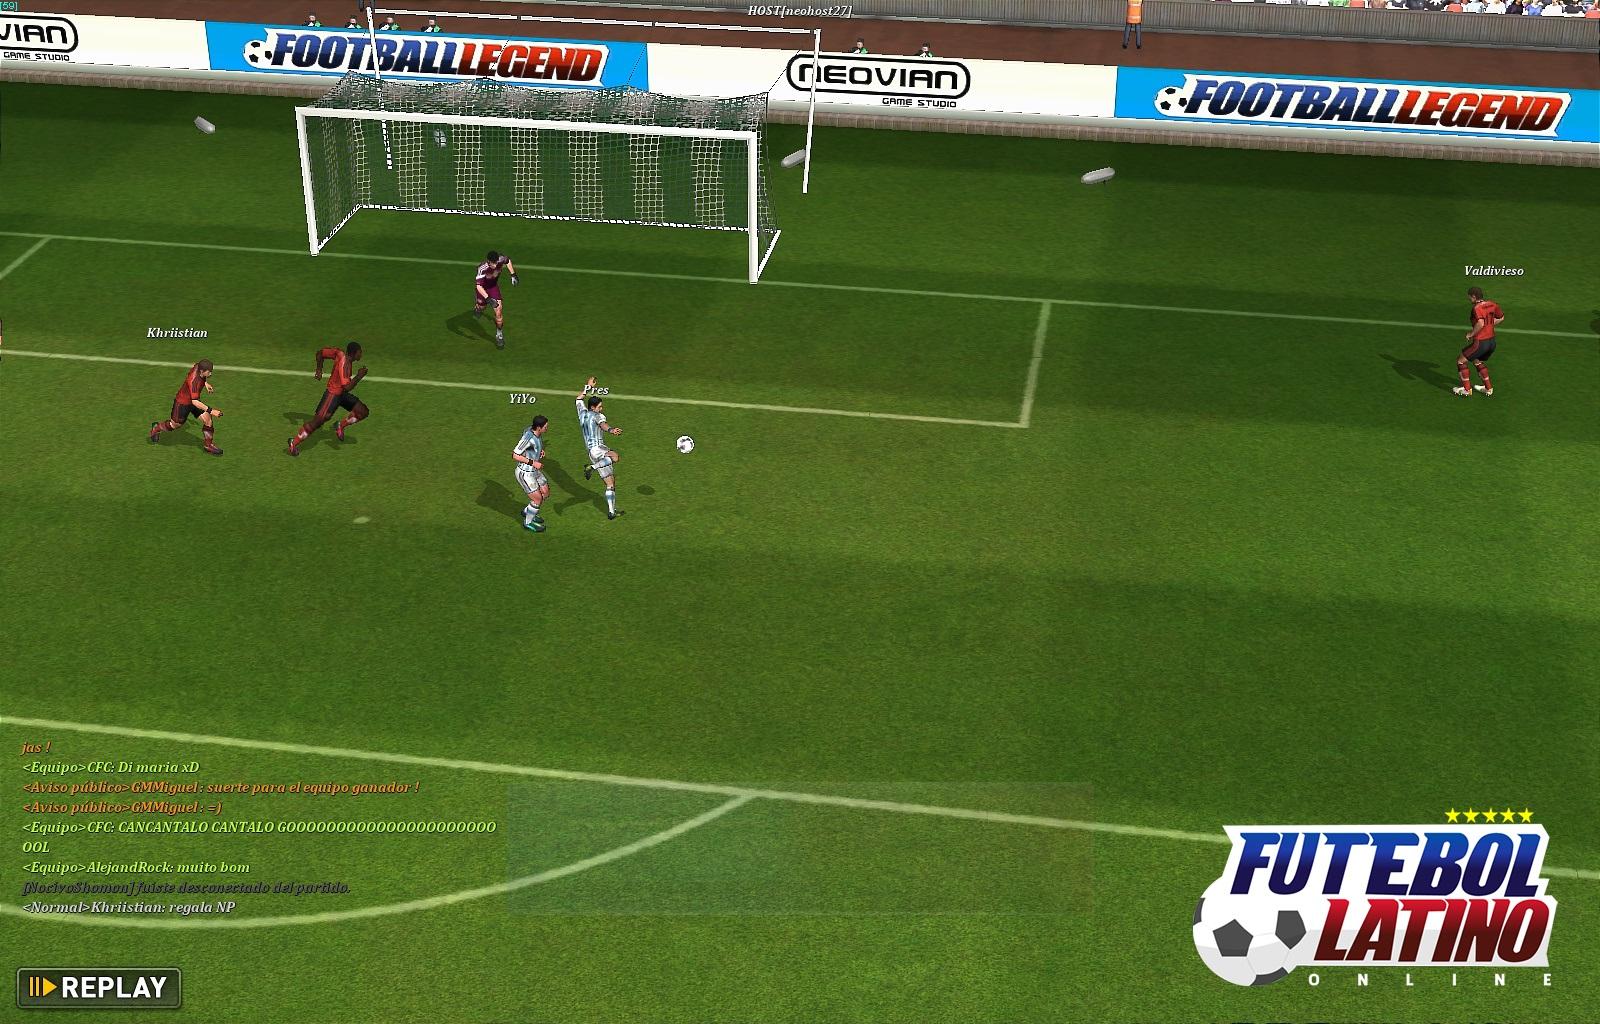 Jogar futebol online